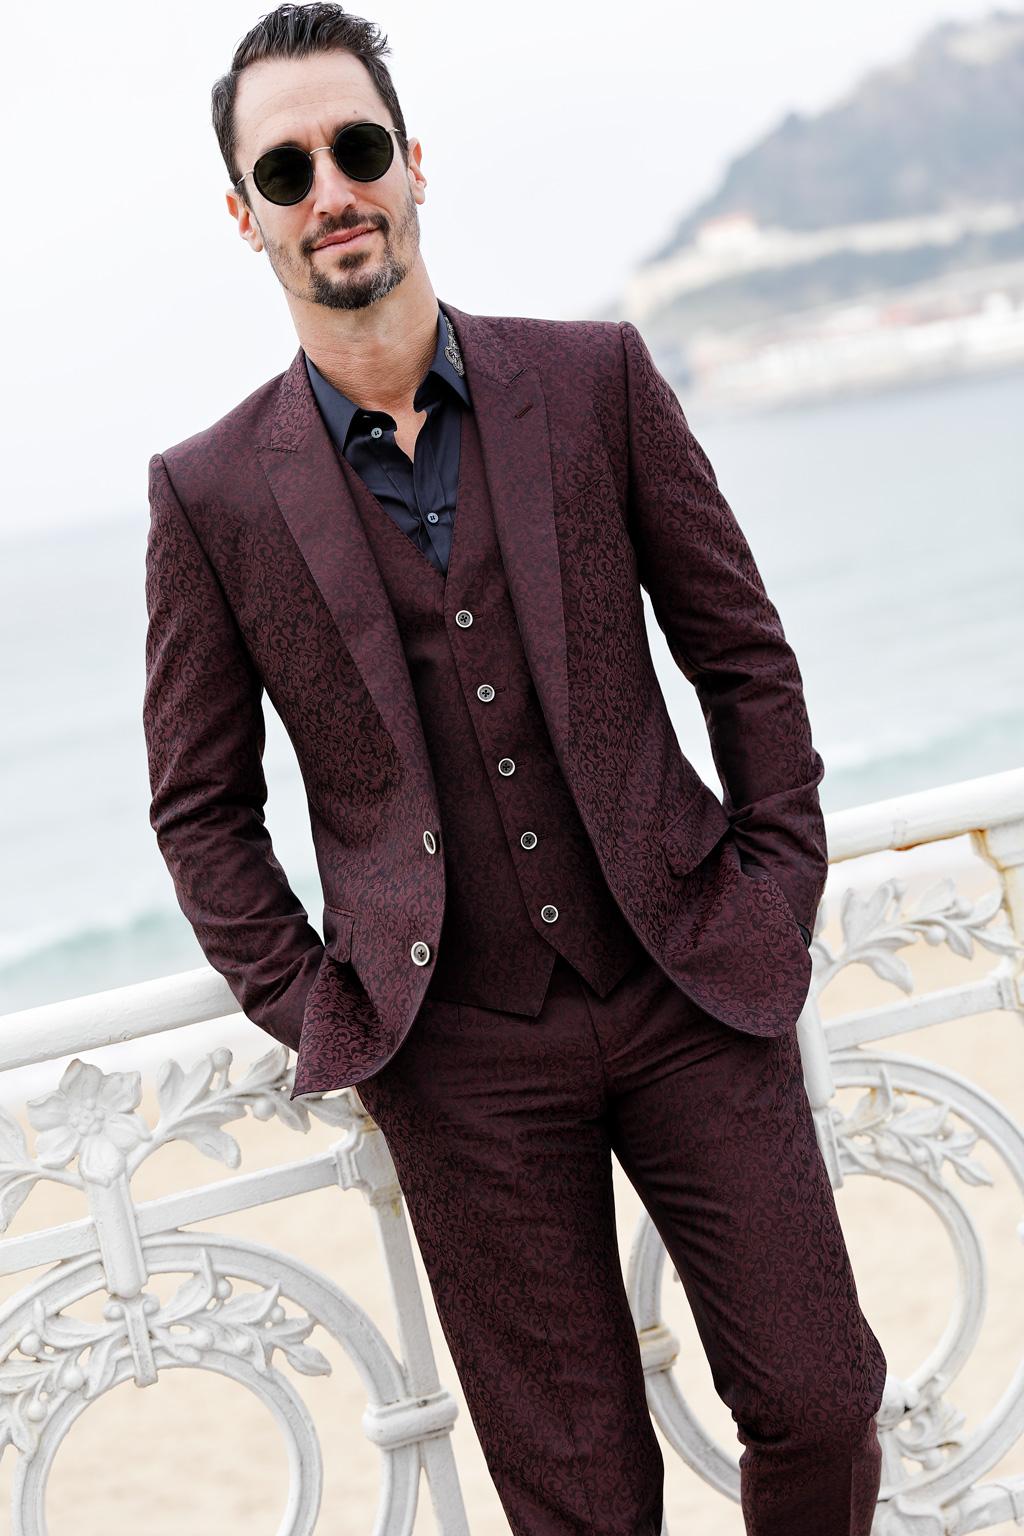 Tristán López de Montenegro posando para Muselines con prendas de Auzmendi y gafas de Óptica Zurrriola